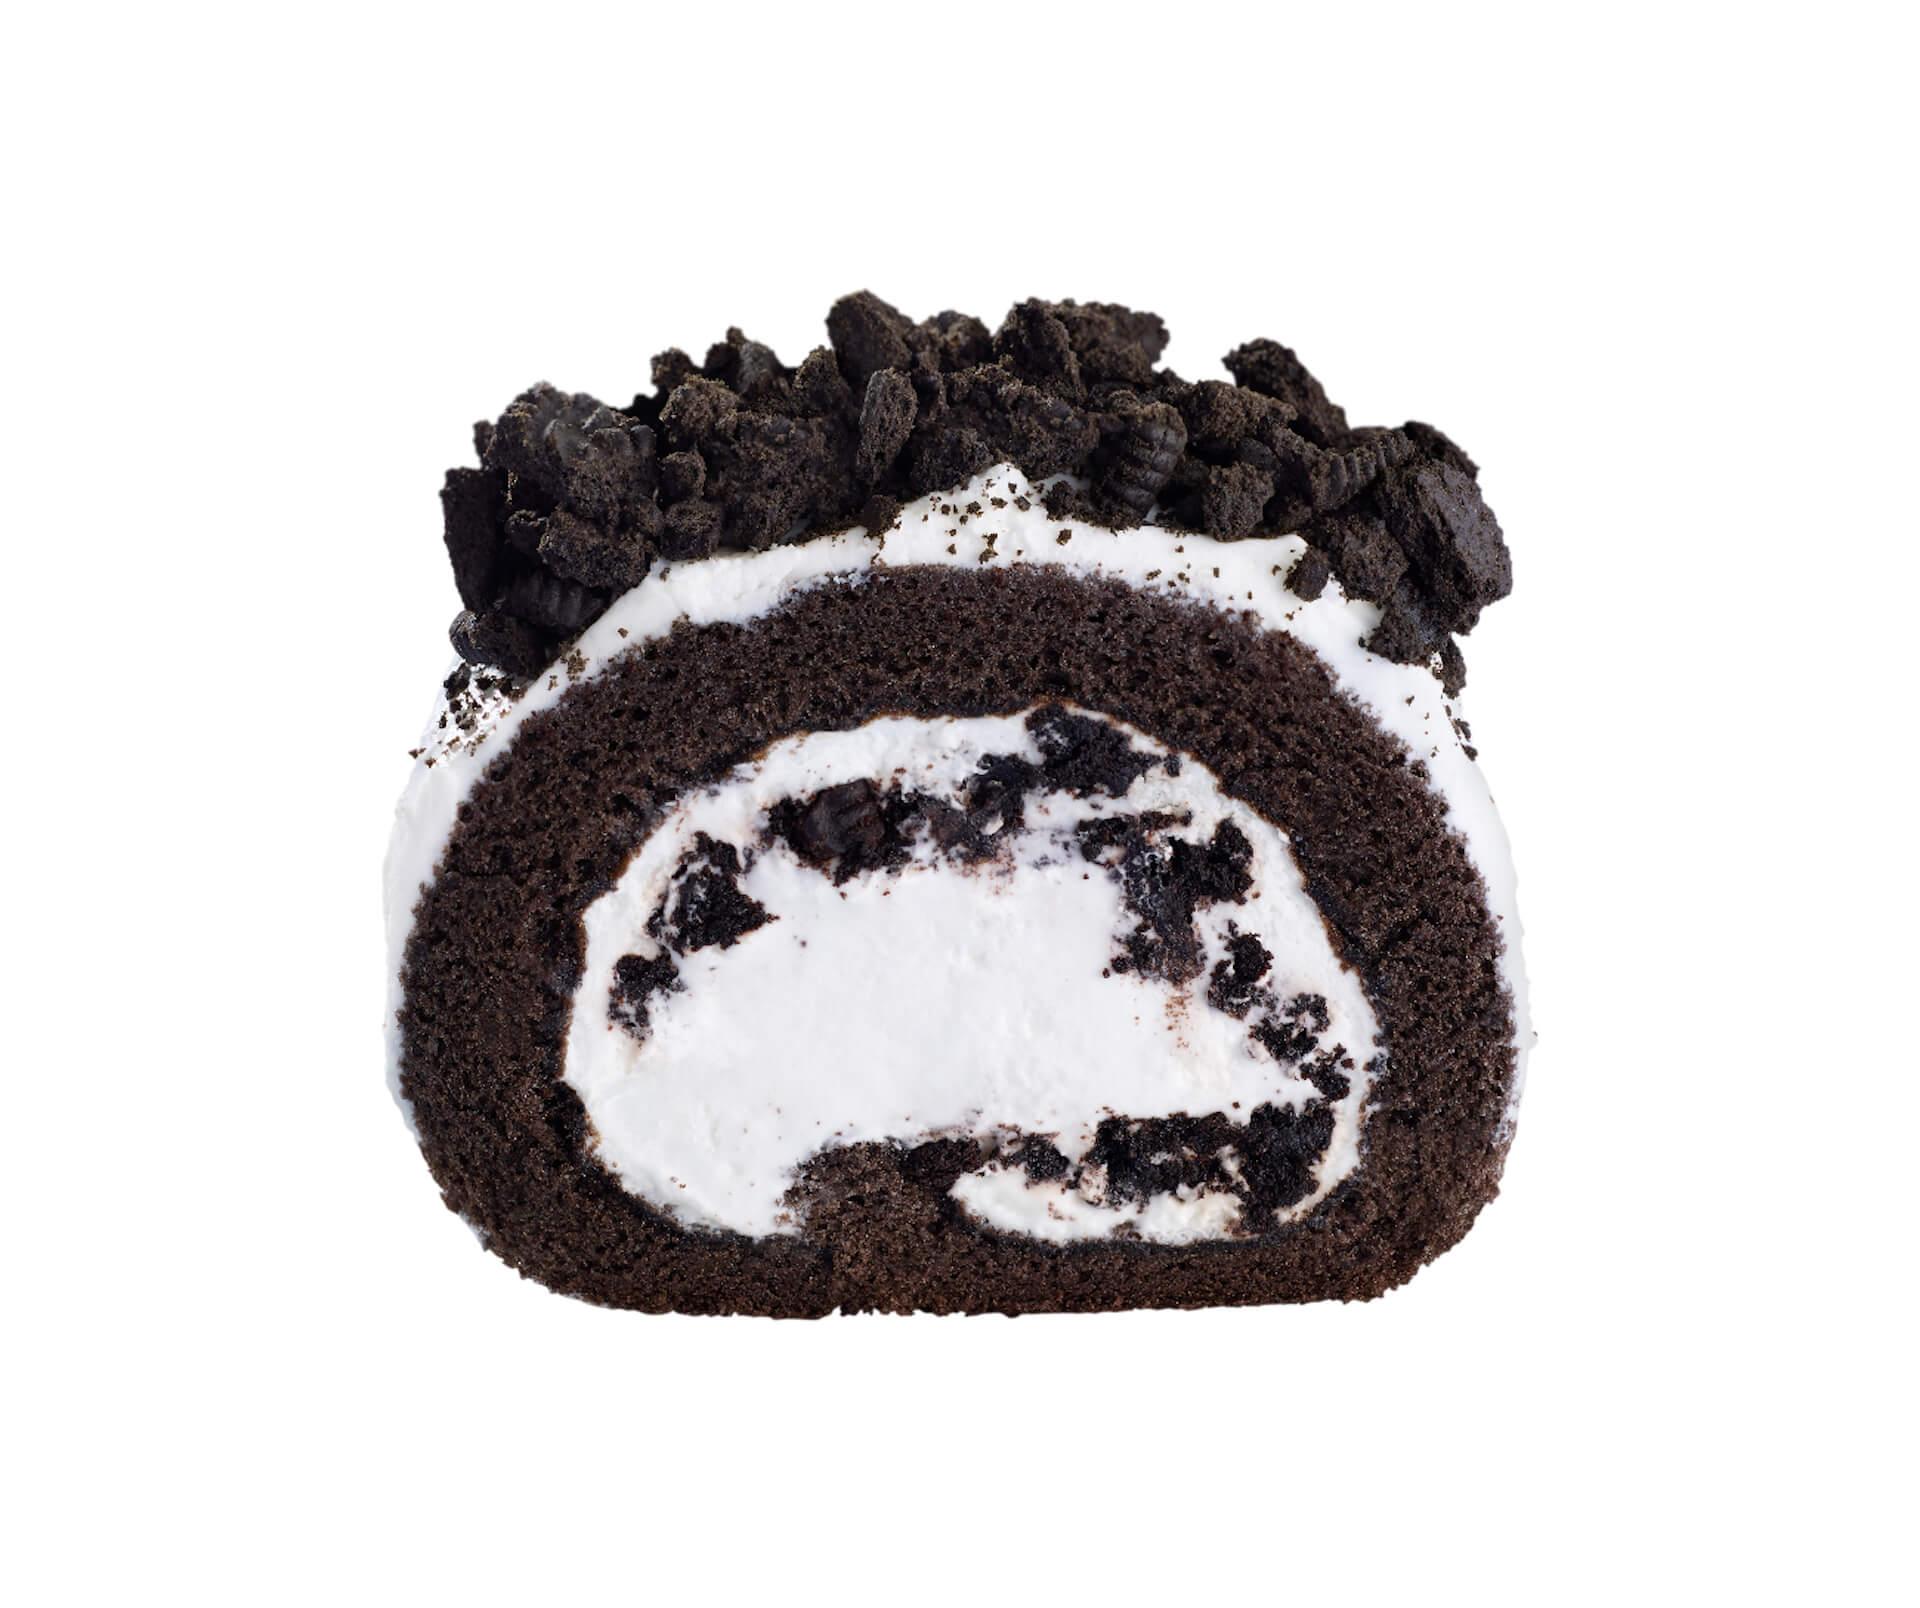 おうち時間でホッと一息!マクドナルドMcCafé by Baristaの「選べる¥500ケーキセット」が期間限定で実施決定 gourmet200420_mccafe_4